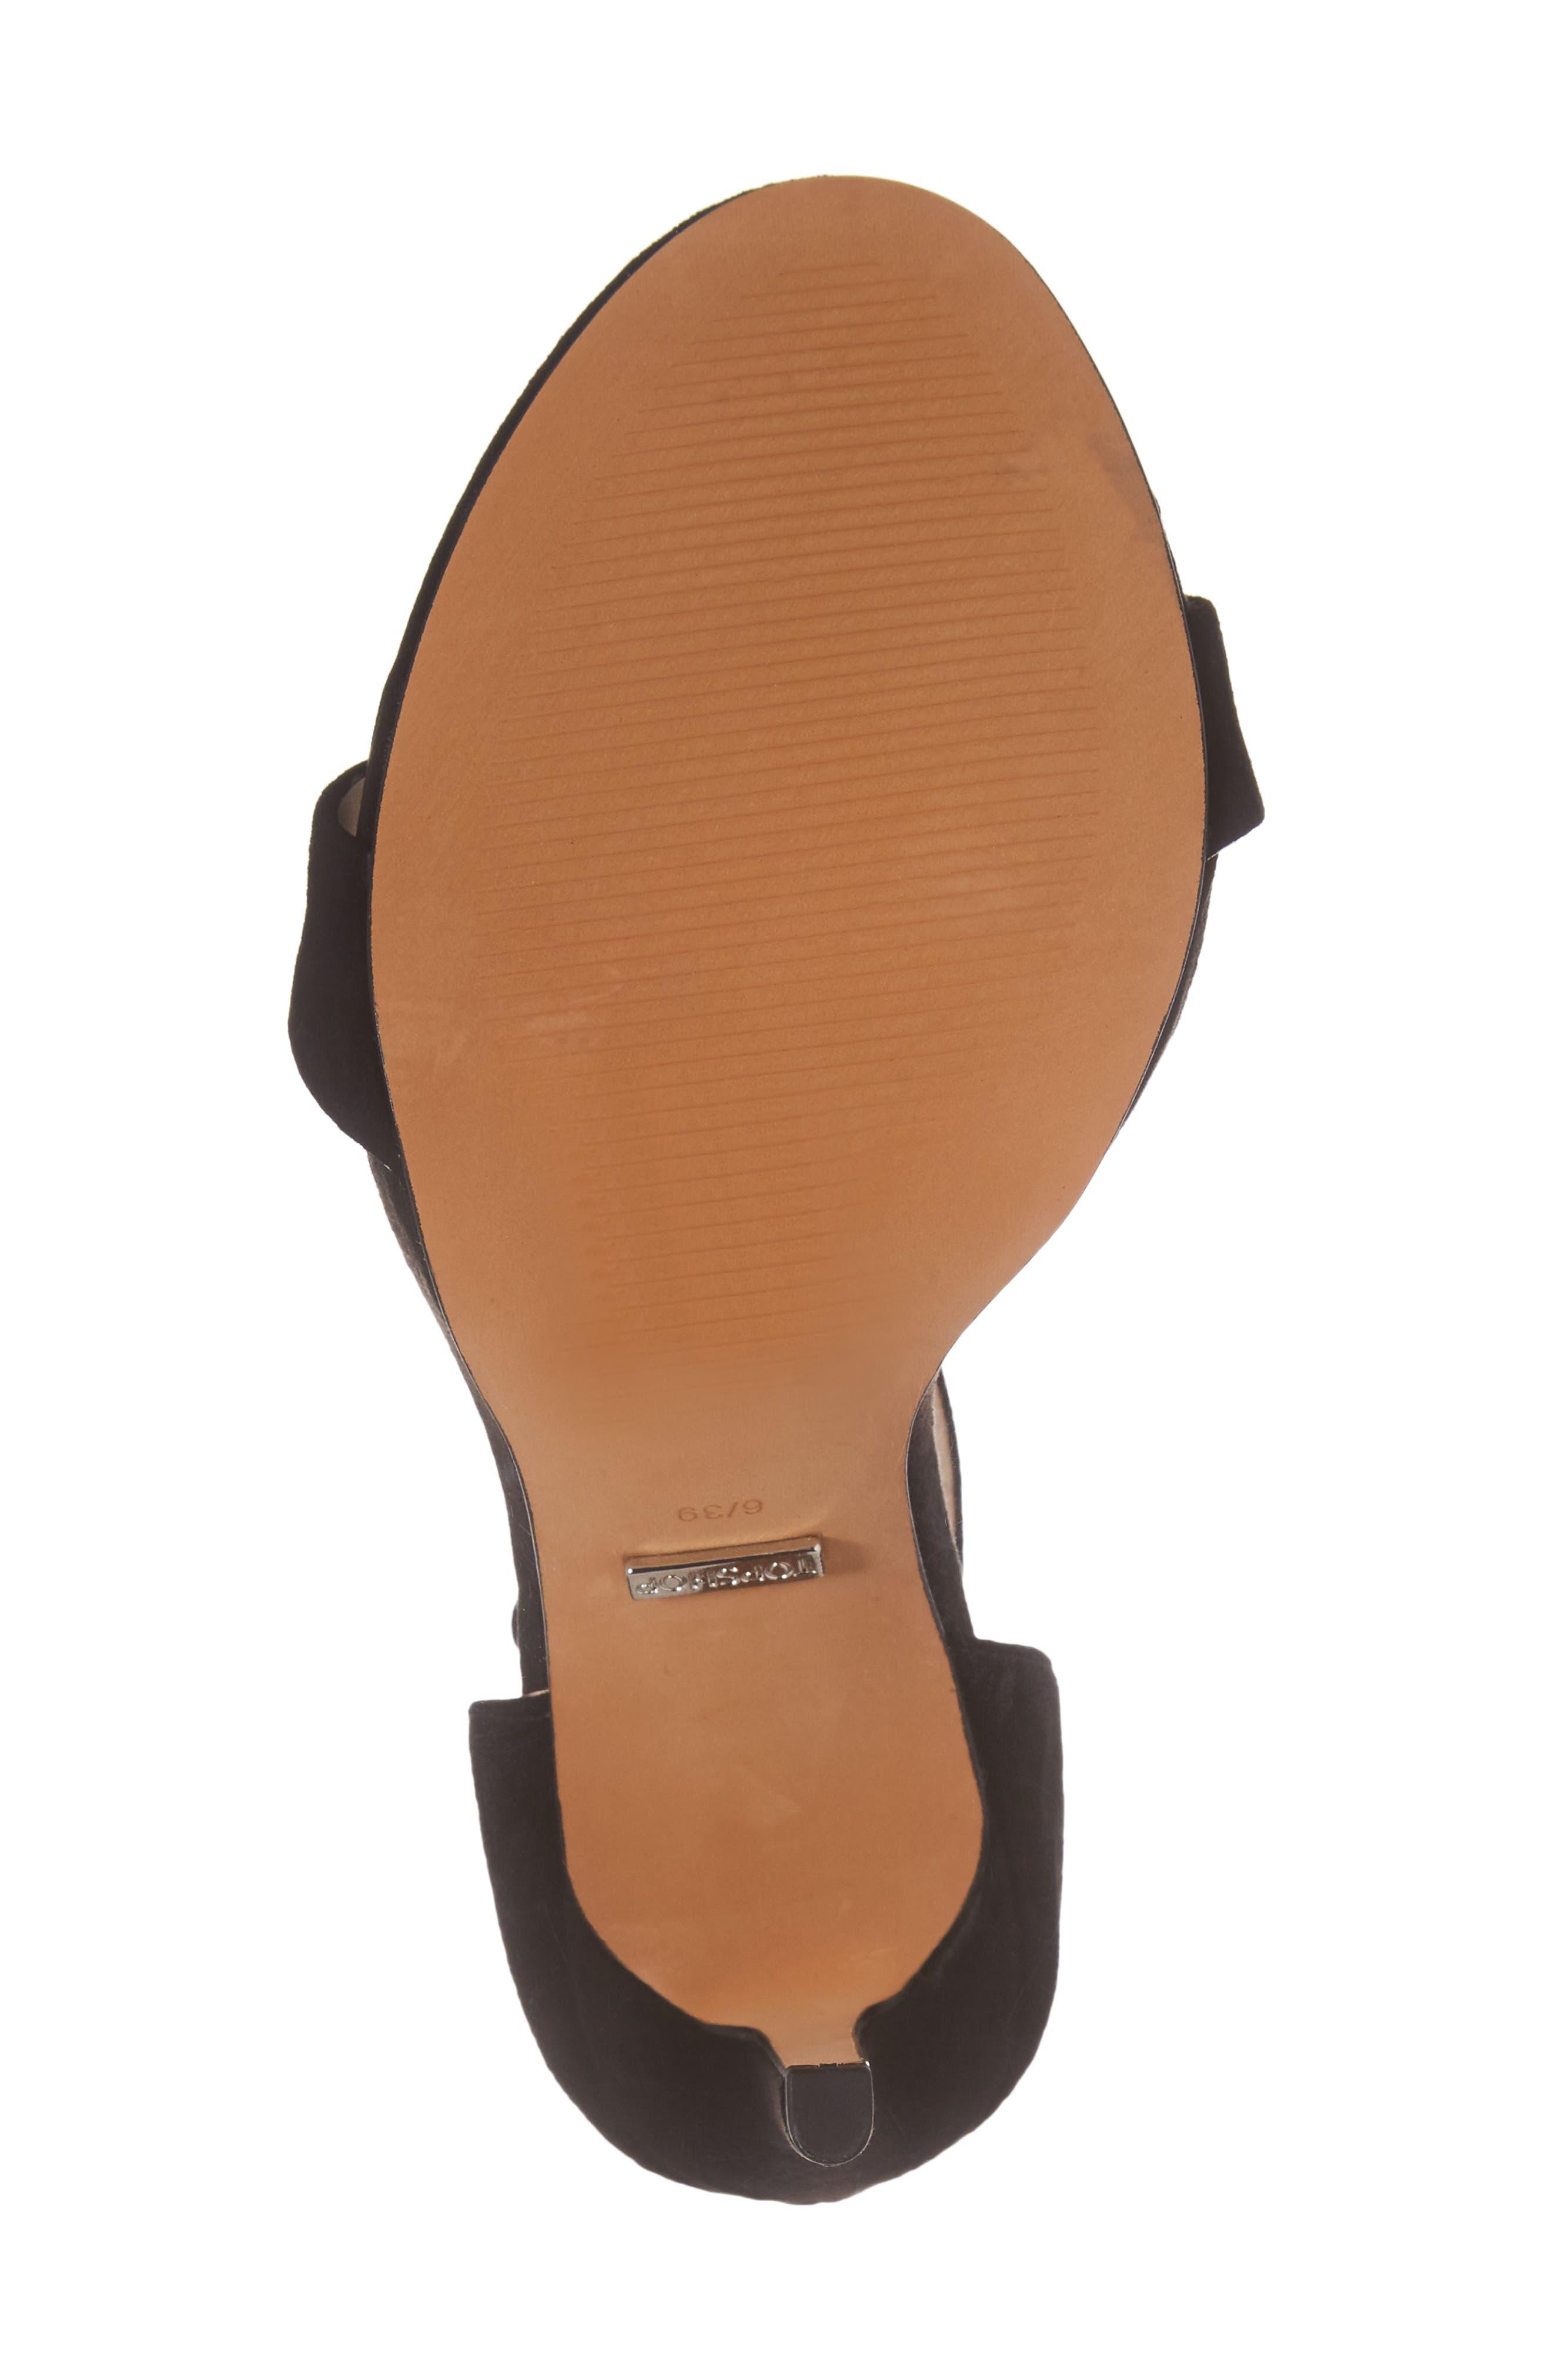 Raphie Ankle Strap Sandal,                             Alternate thumbnail 6, color,                             001